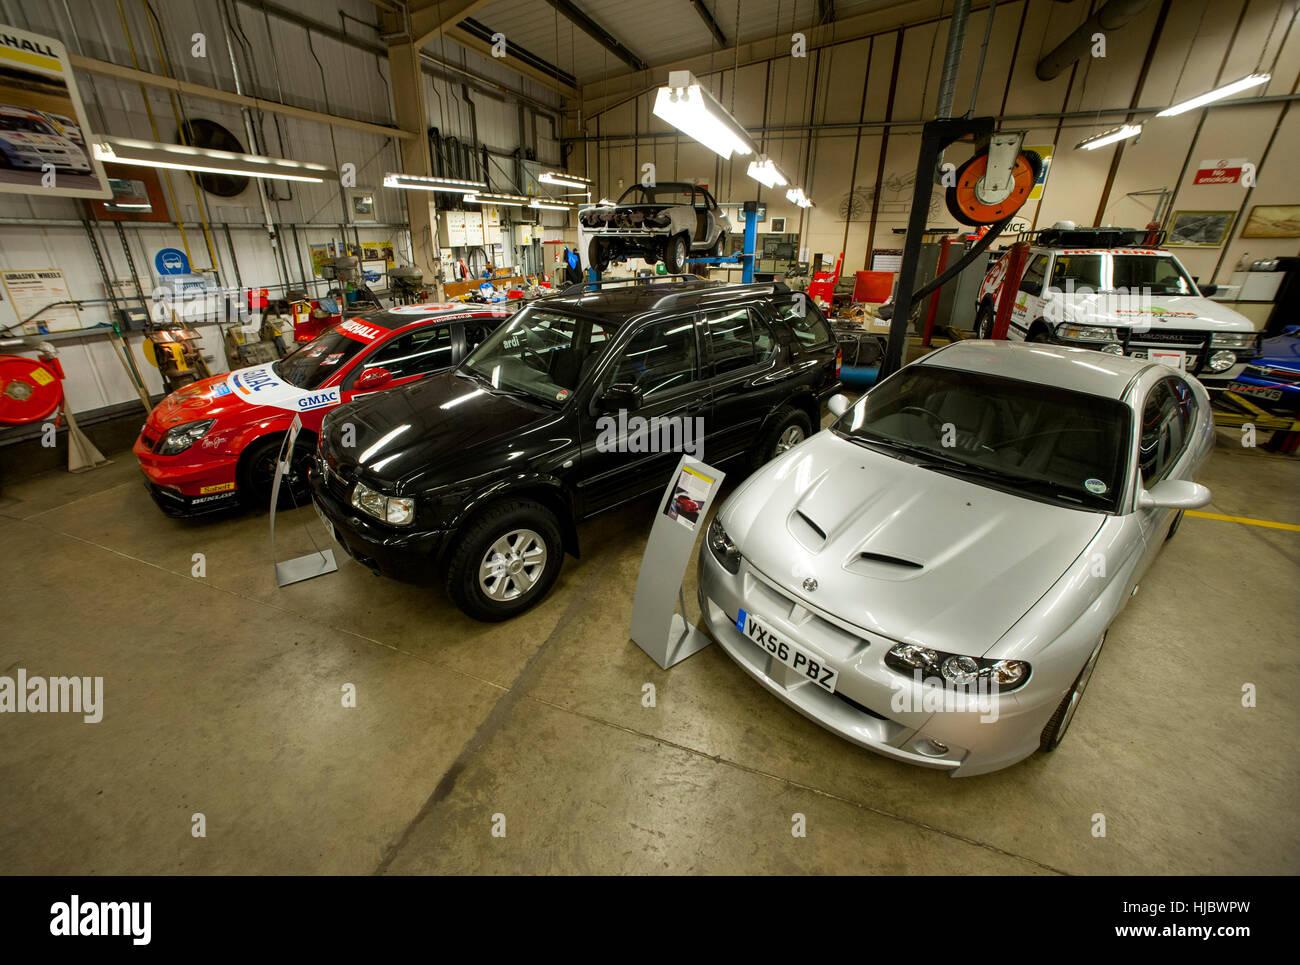 Oldtimer Vauxhall Heritage-Kollektion gehalten in der Auto-Hersteller-Fabrik in Luton, England Stockbild